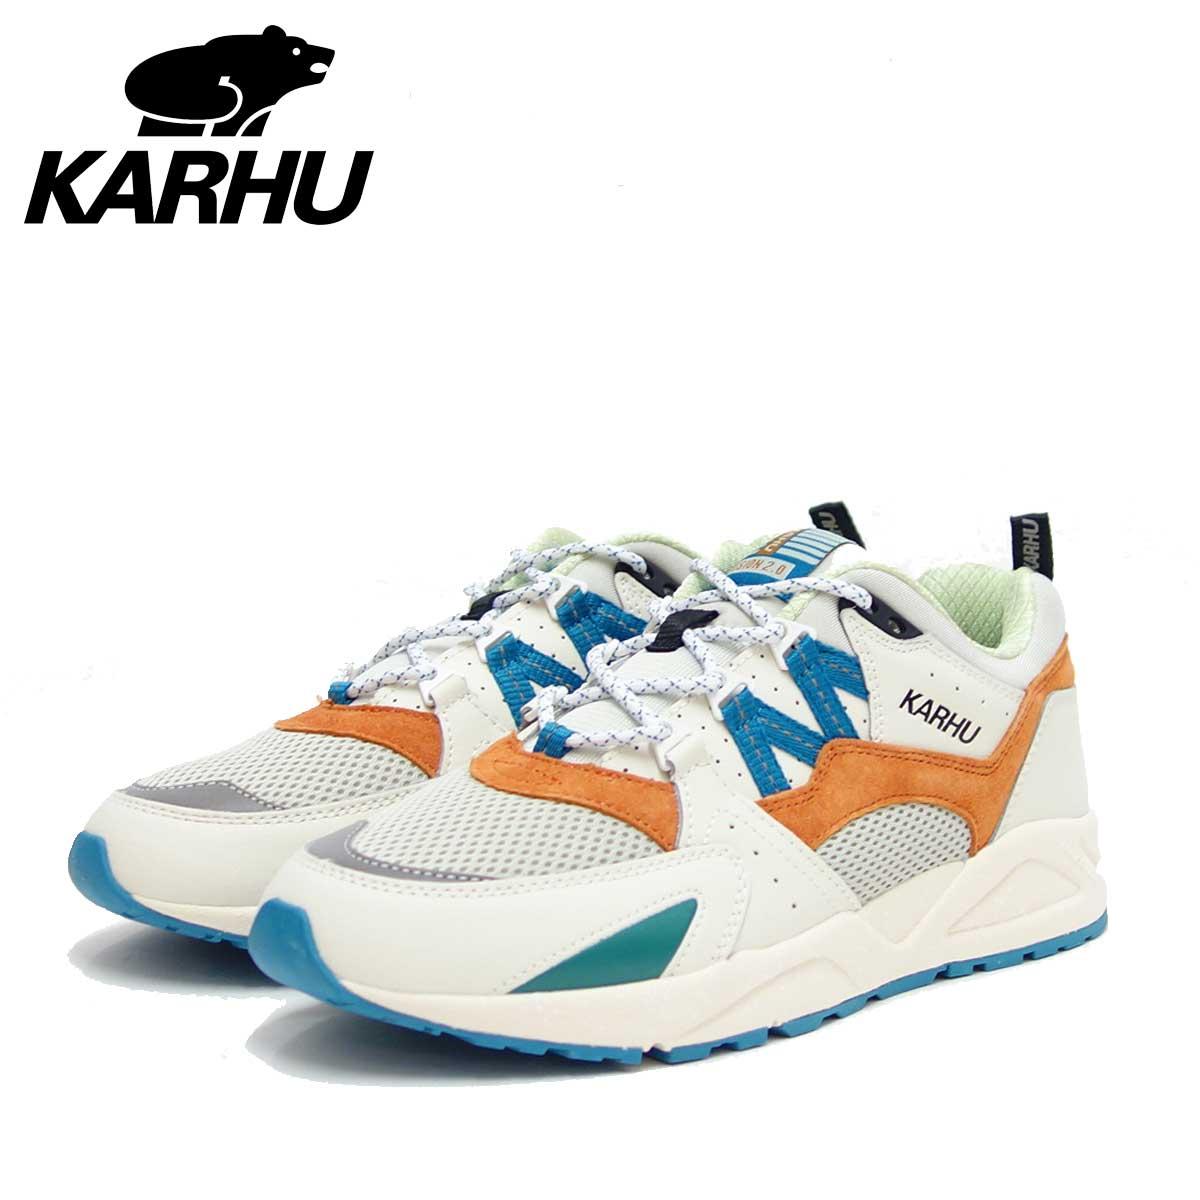 カルフ KARHU KH 804071 リリーホワイト/バーントオレンジ(ユニセックス) FUSION 2.0(フュージョン) 「靴」